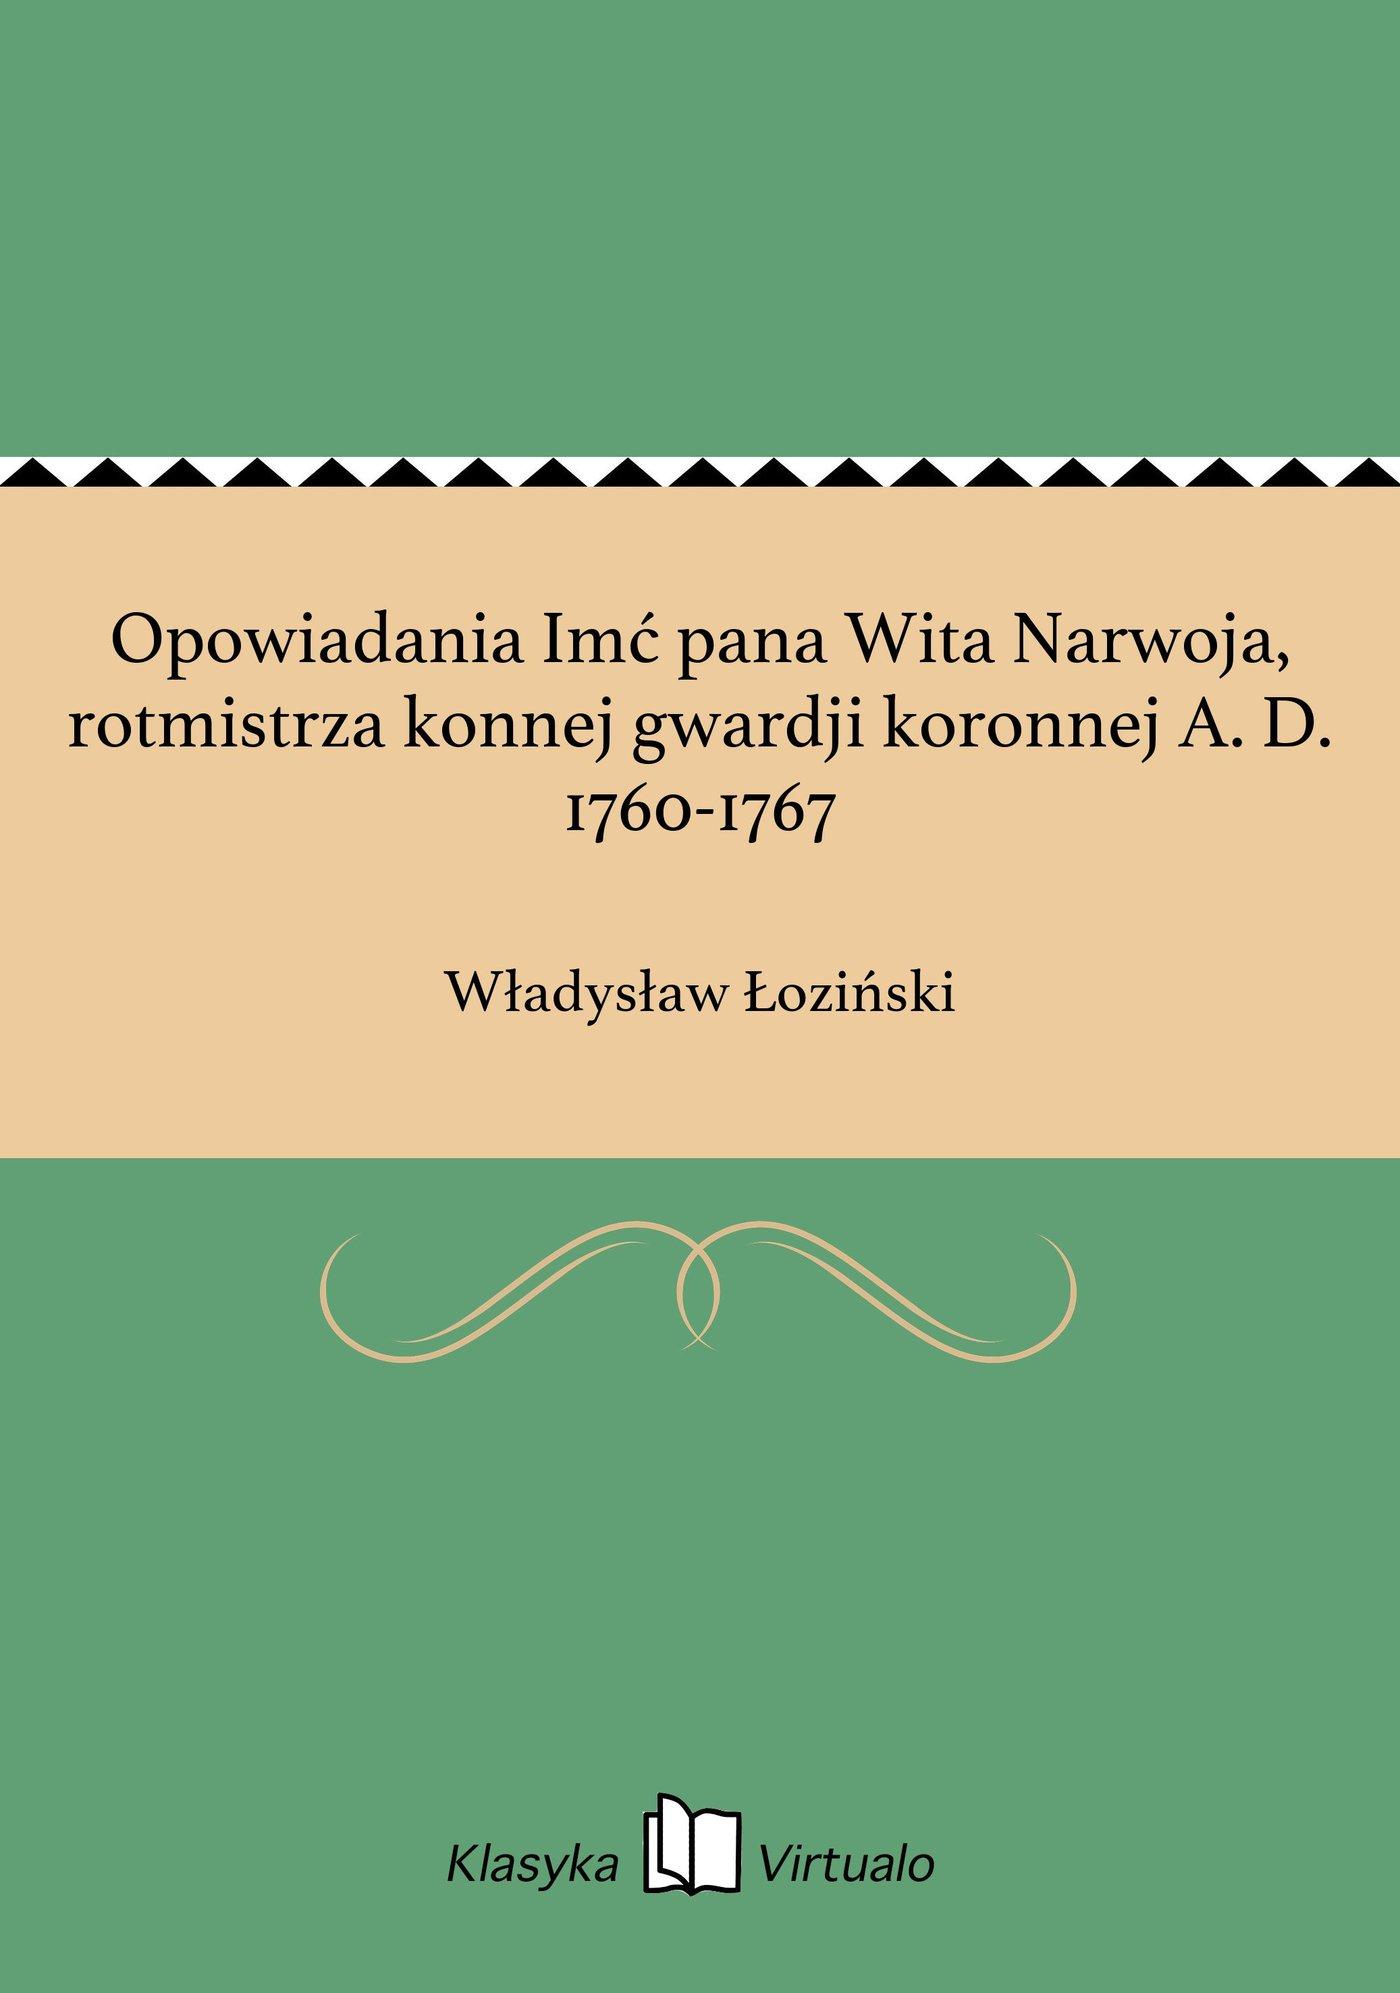 Opowiadania Imć pana Wita Narwoja, rotmistrza konnej gwardji koronnej A. D. 1760-1767 - Ebook (Książka EPUB) do pobrania w formacie EPUB